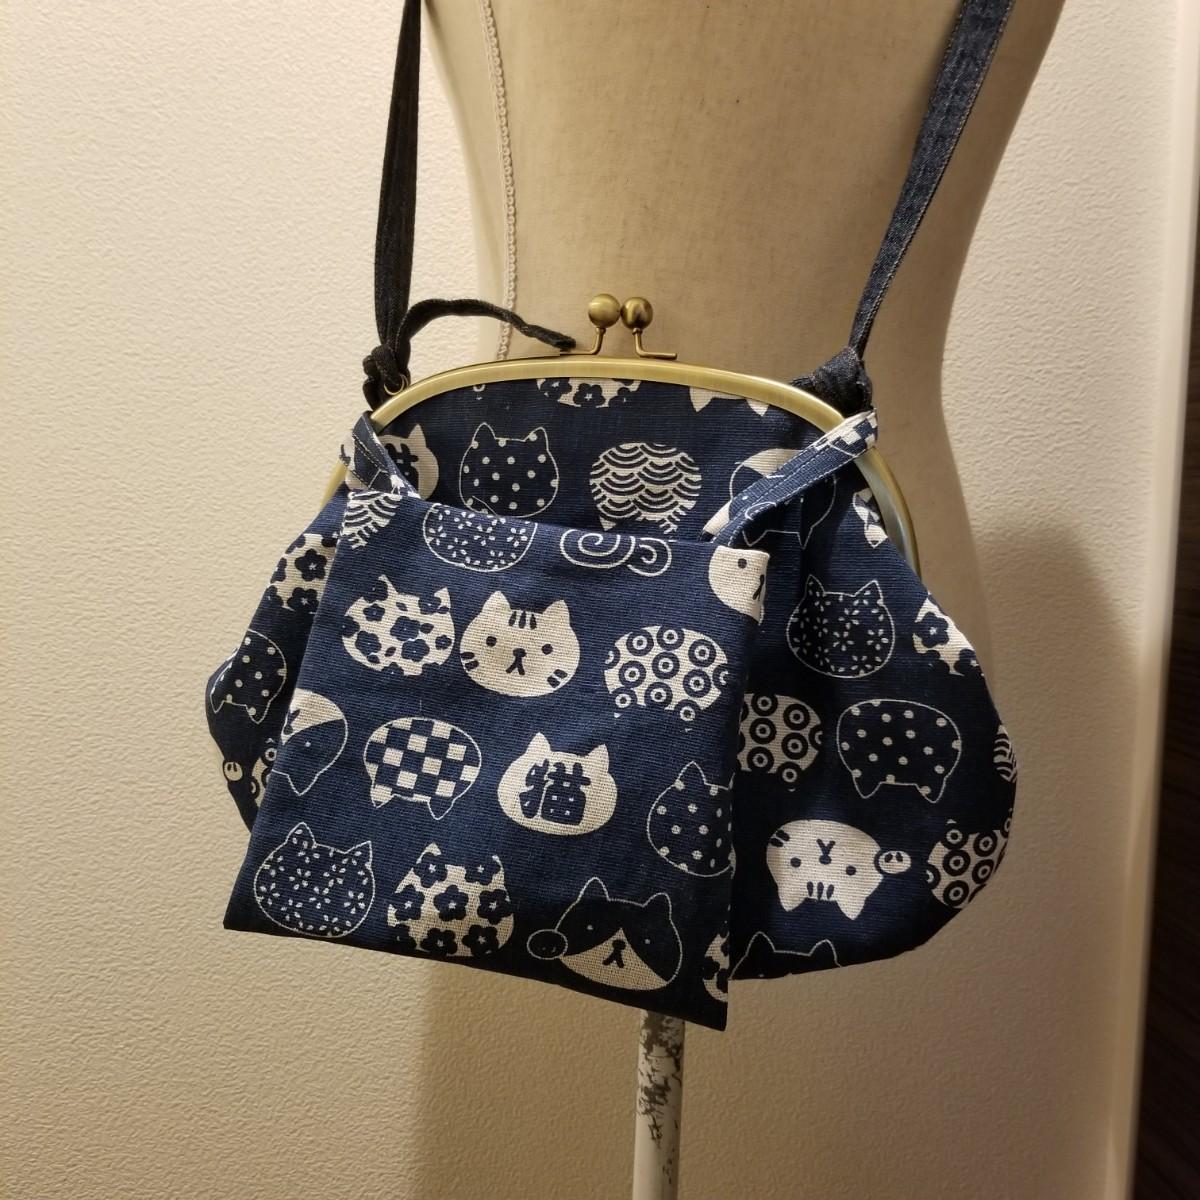 ハンドメイド がま口ショルダーバッグ がま口バック 本日限定ちょっとそこまでお散歩バッグ付き。小さなハンドメイドのハンドバッグ付